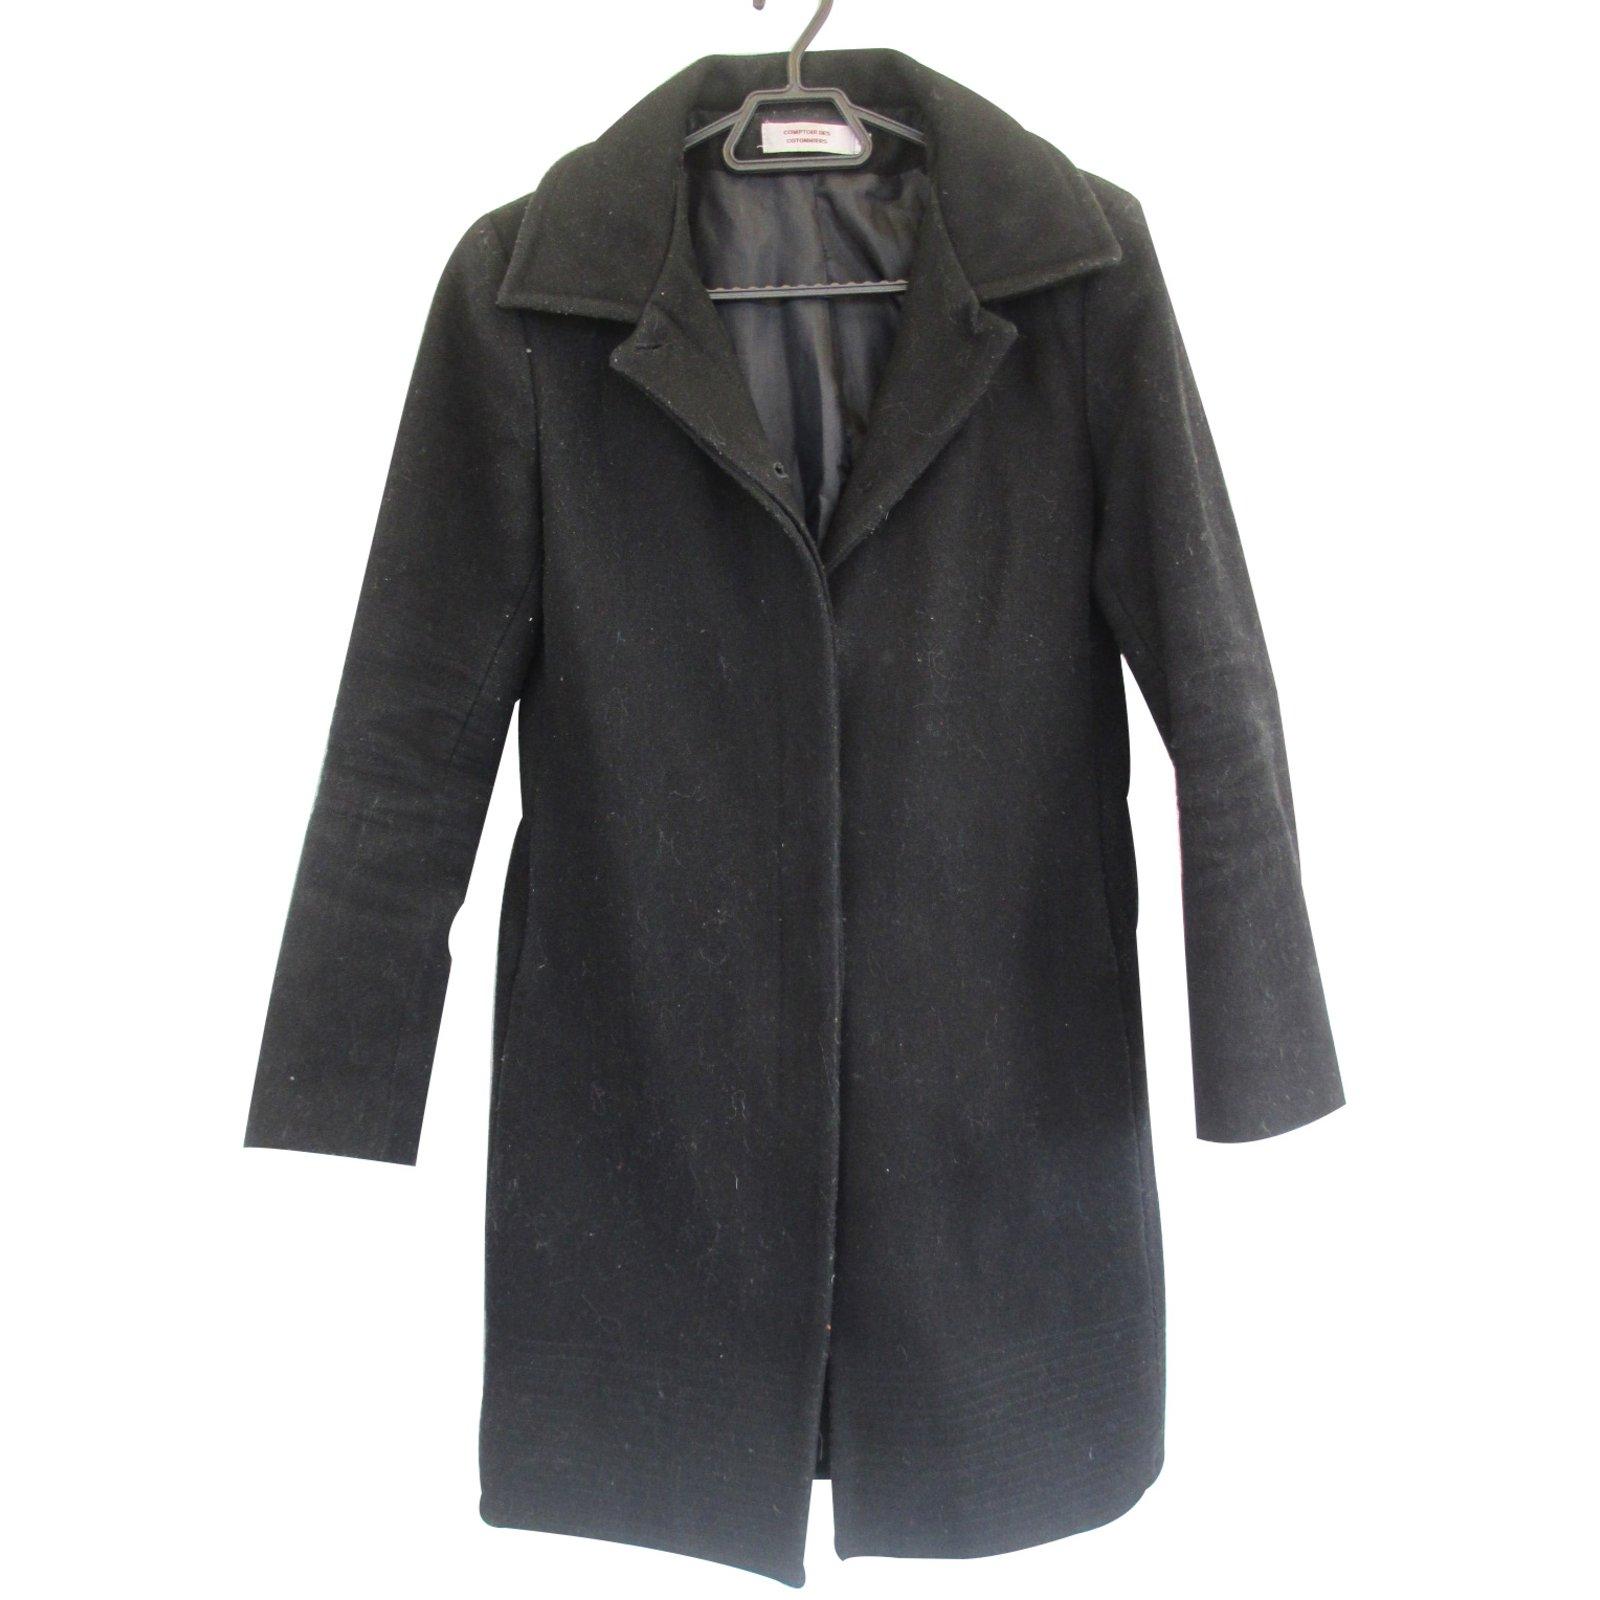 Manteaux comptoir des cotonniers manteau laine noir ref - Manteau peau retournee comptoir des cotonniers ...